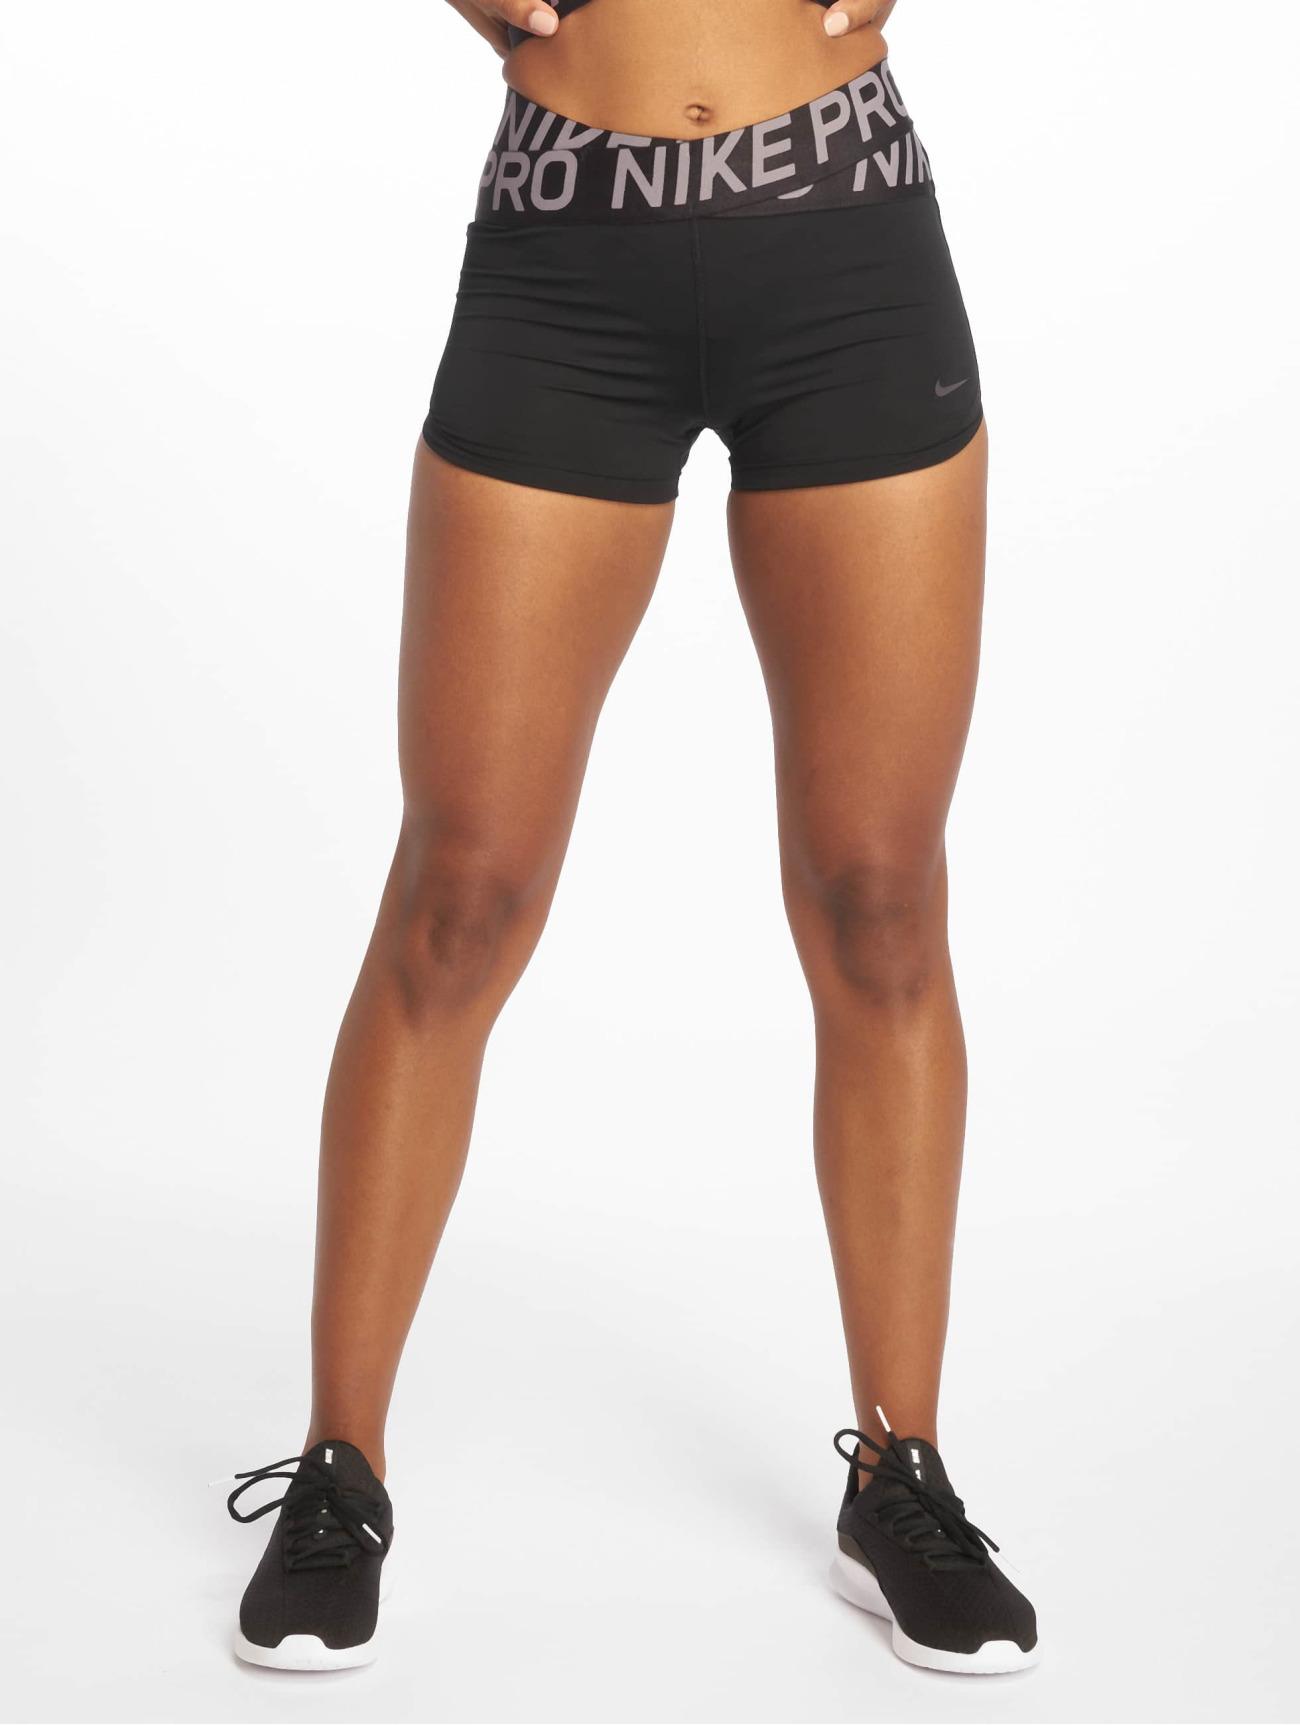 Nike Pro Shorts Black/Thunder Grey